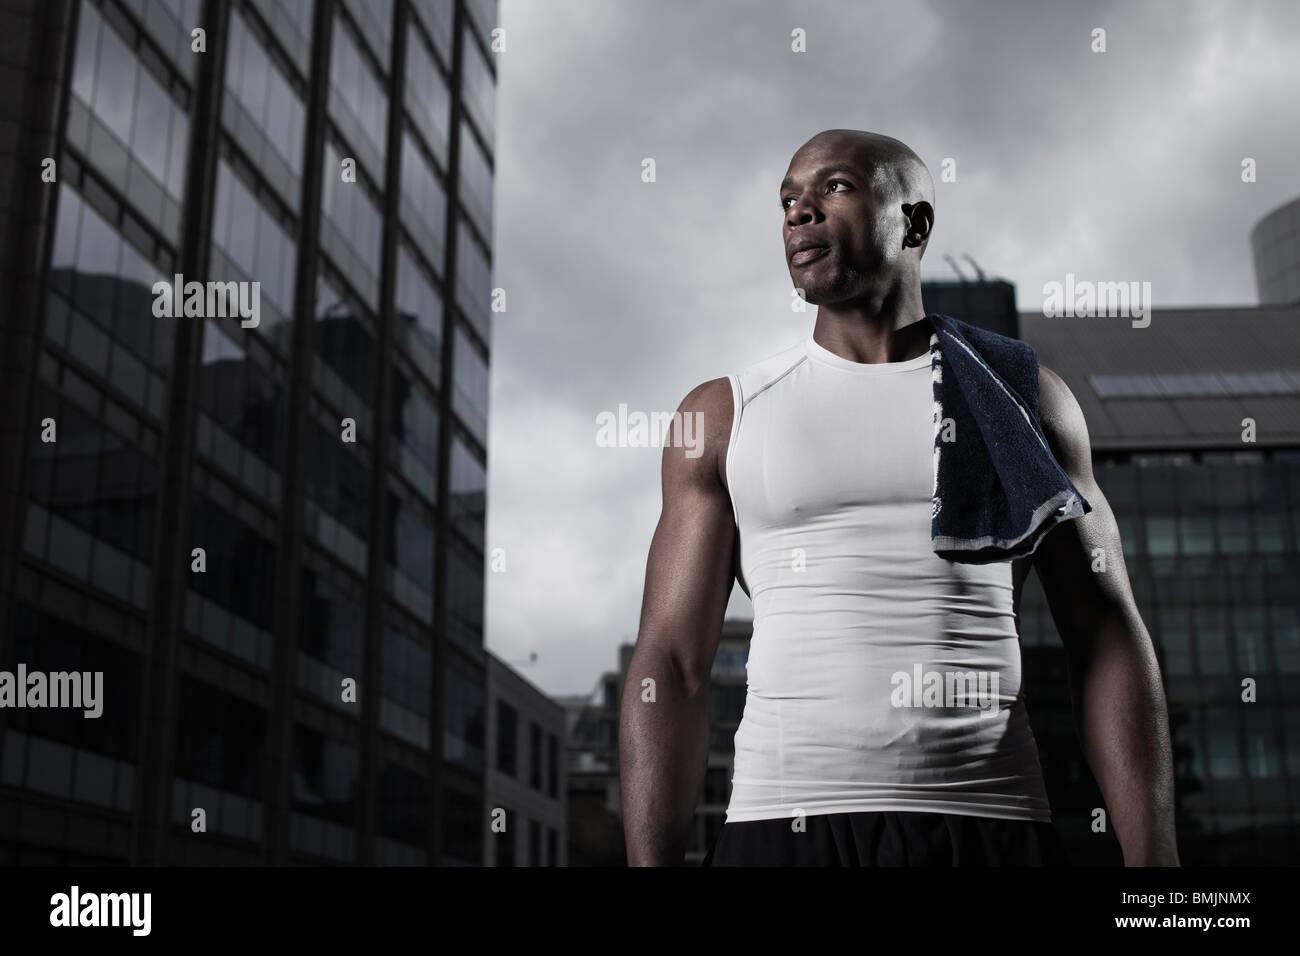 Montare l'uomo di indossare abbigliamento sportivo backgrounded dai moderni edifici della città Immagini Stock